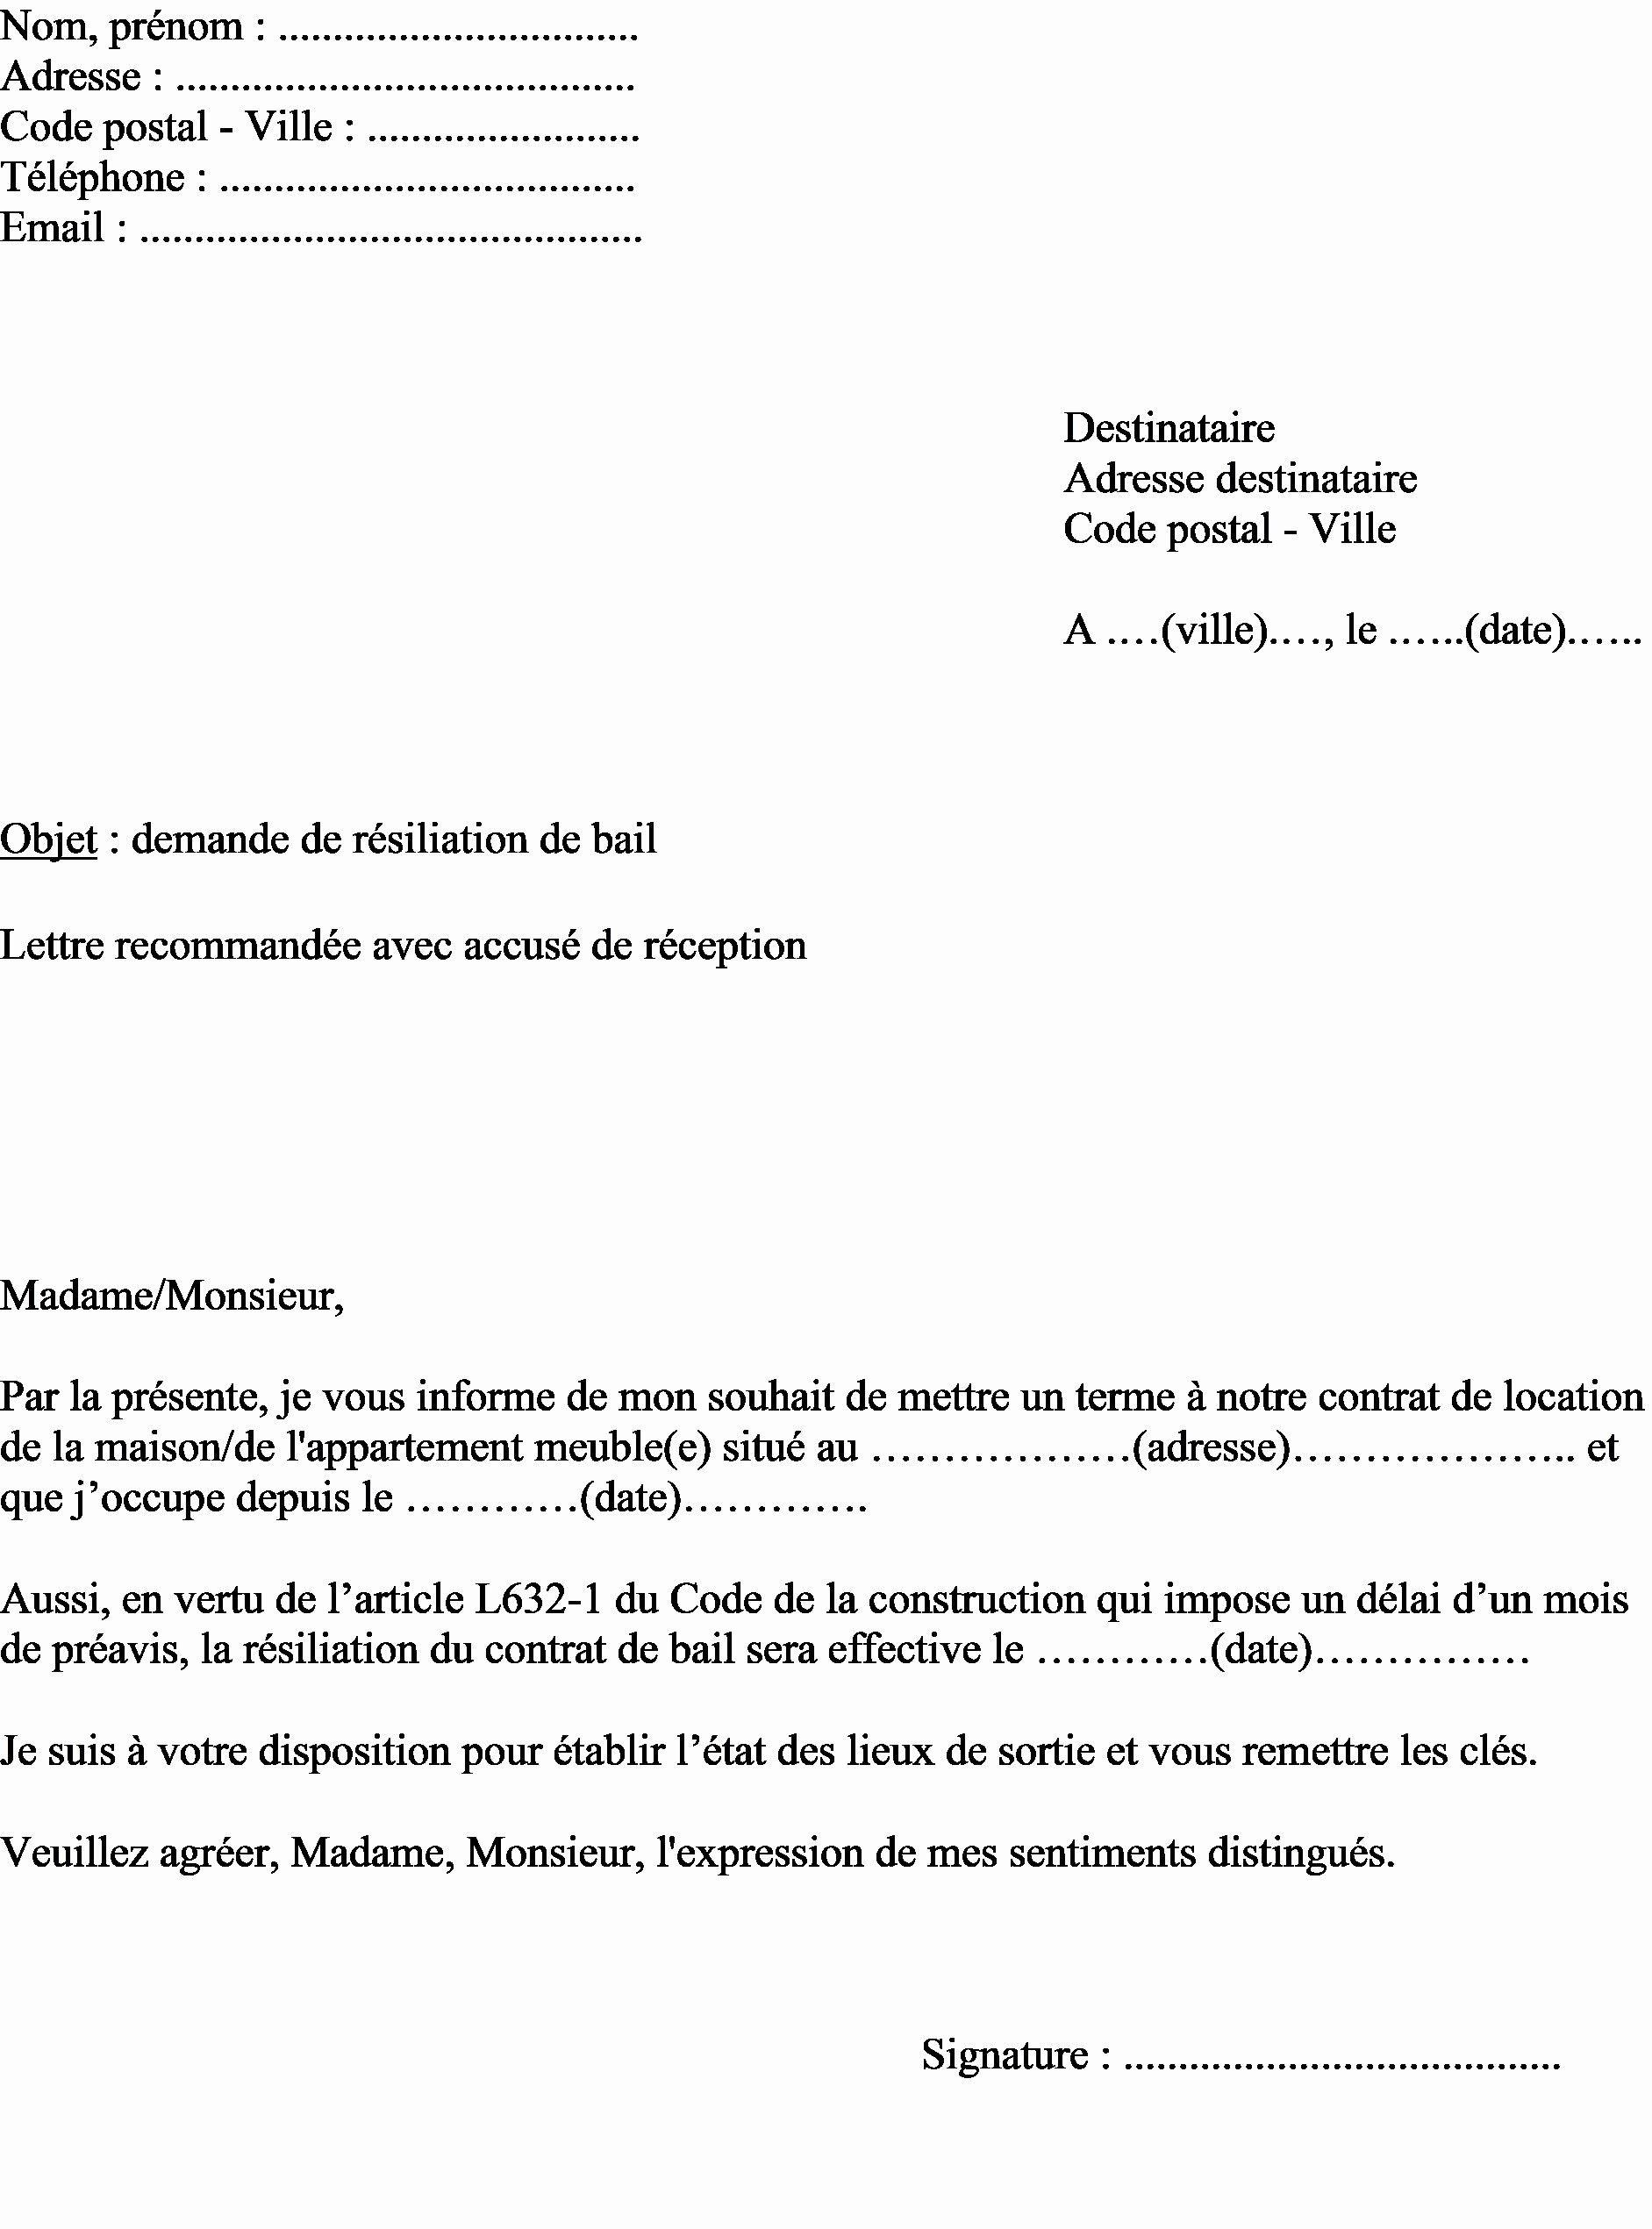 Lettre De Preavis Appartement Meuble Logement Non Newsindoco - davidreed.co en 2020 | Exemple de ...